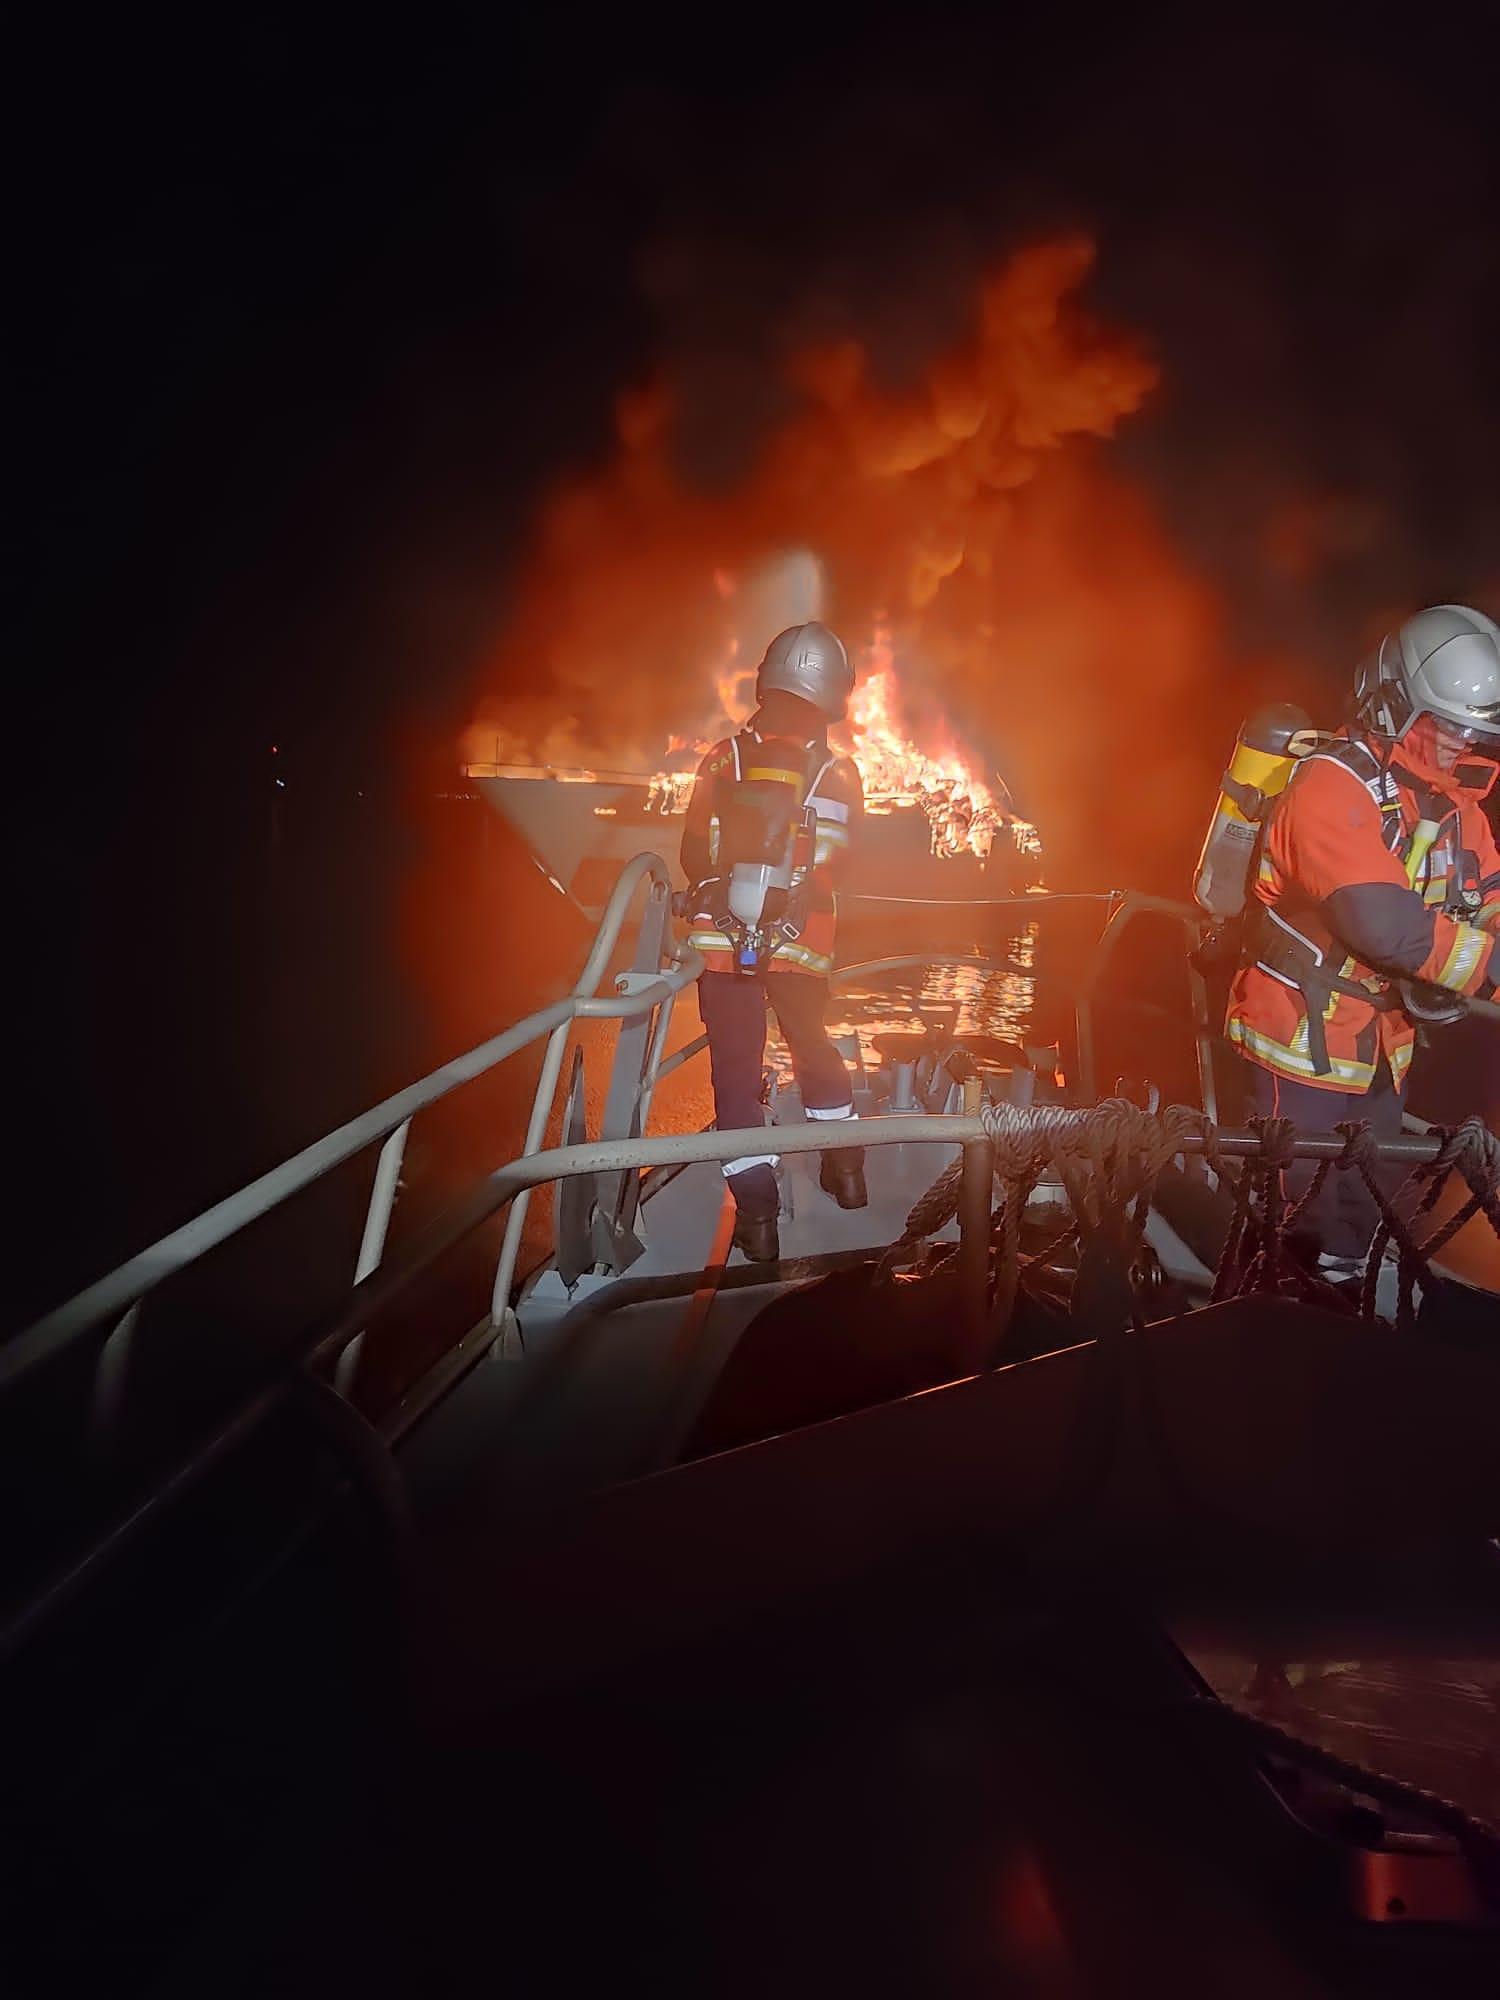 La SNSM de Hyères lutte contre l'incendie